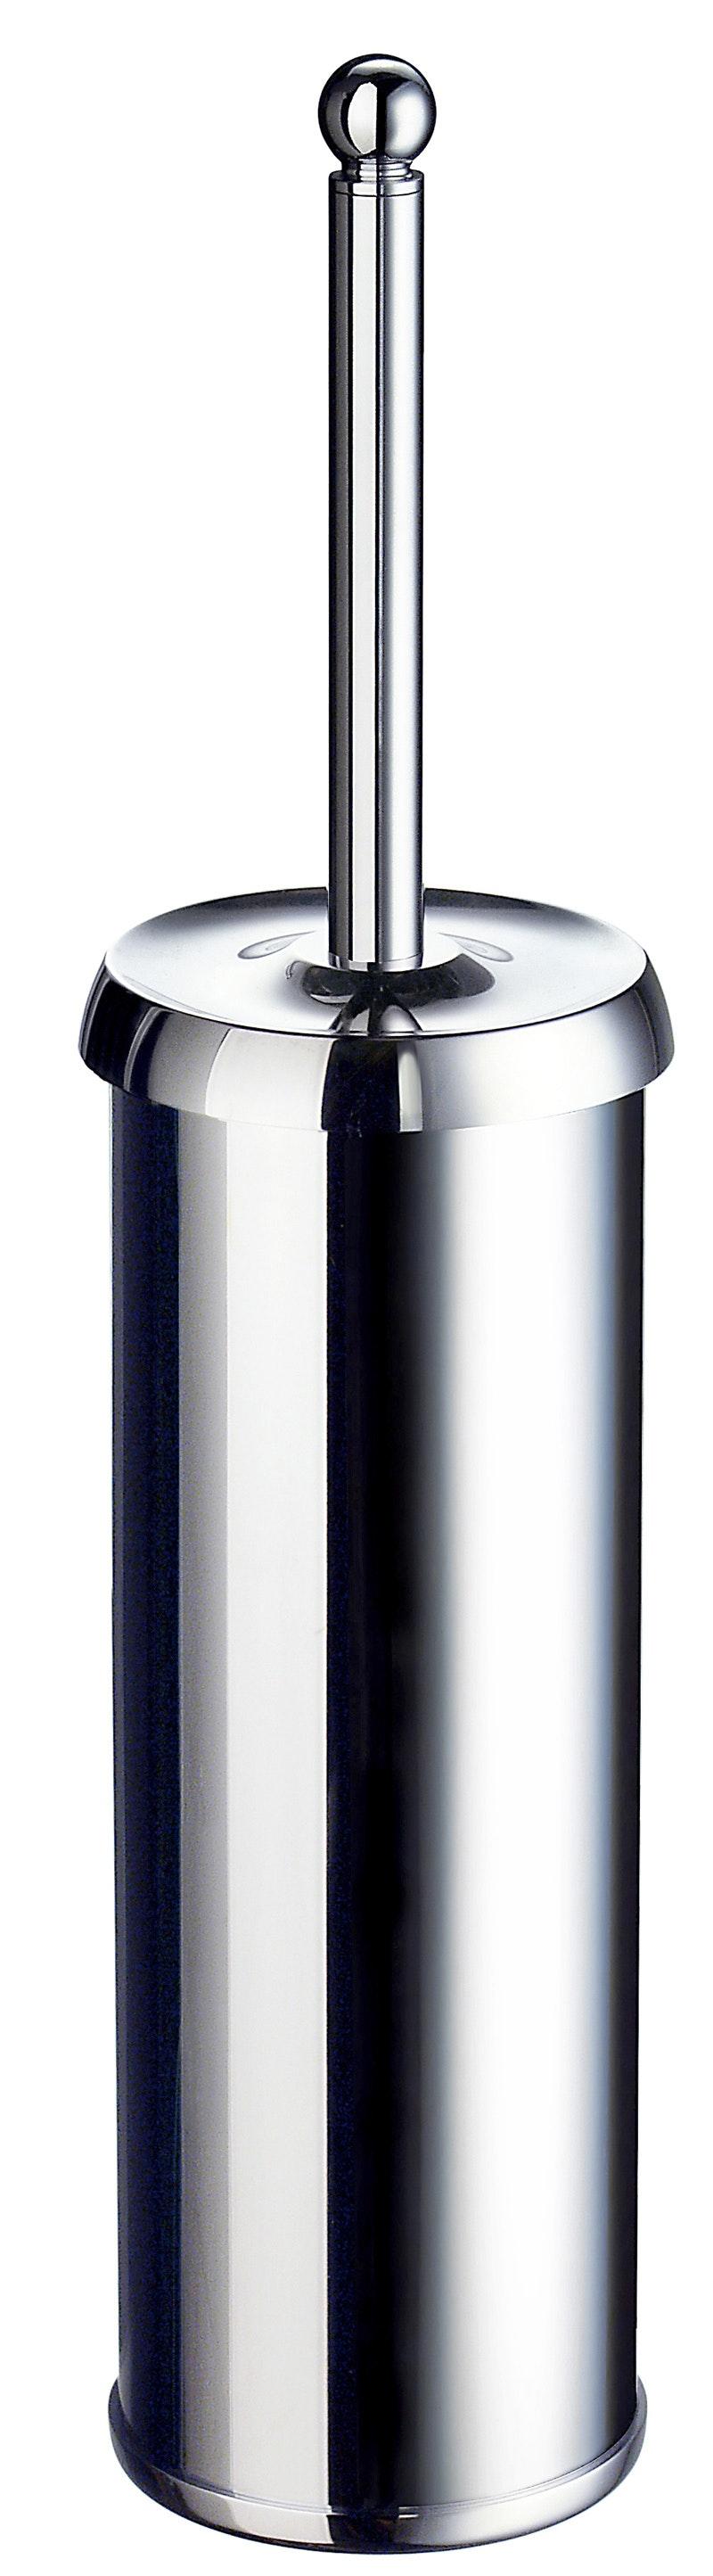 Wc-Borste Smedbo Villa K233 h 425mm krom